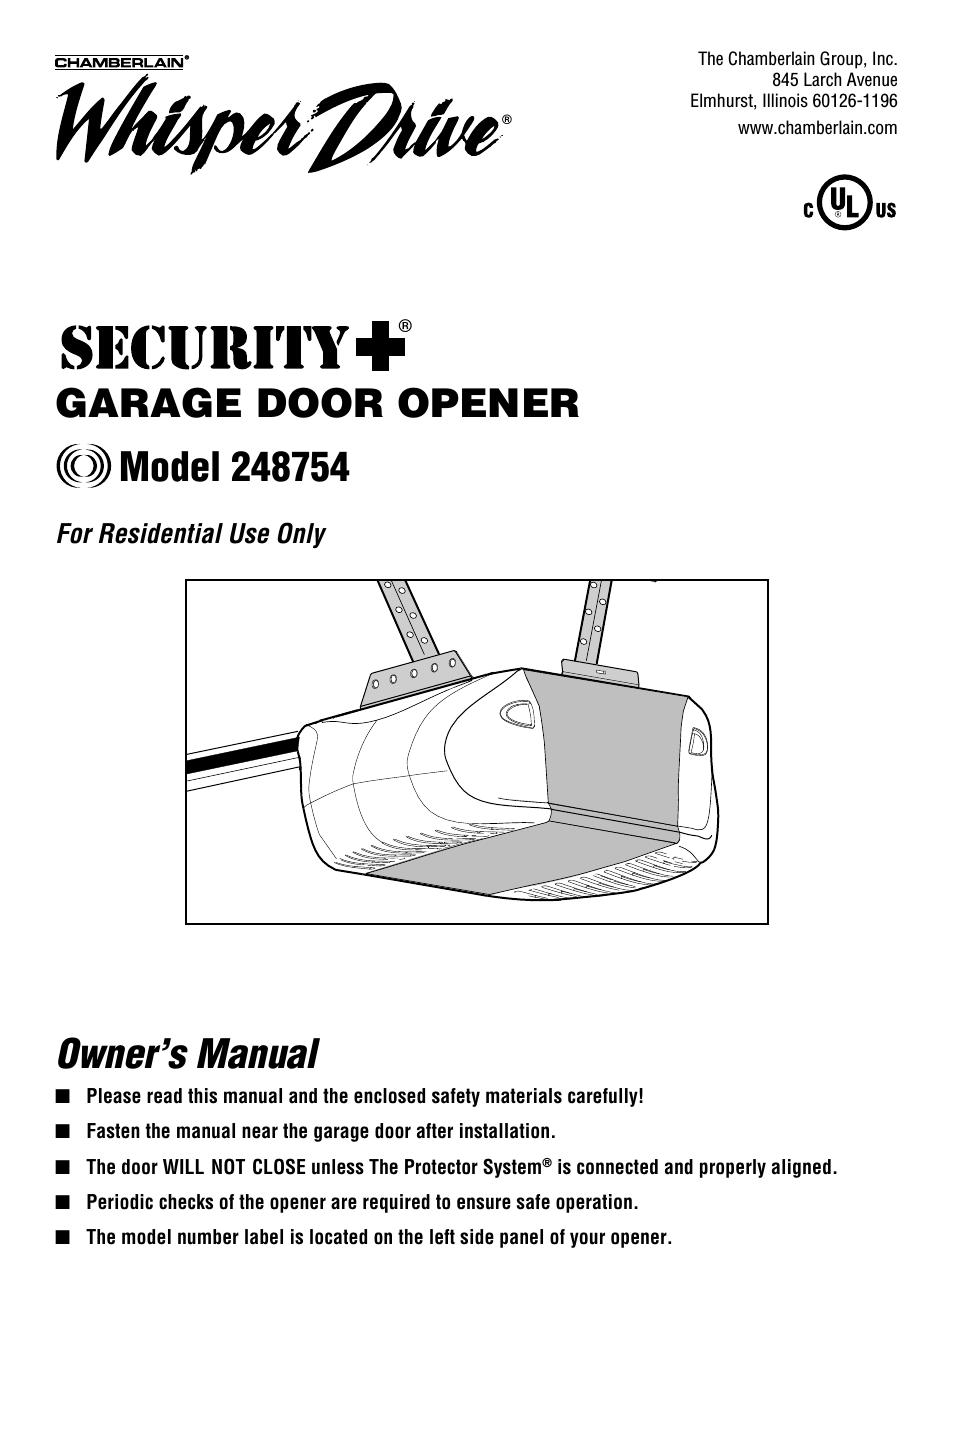 How To Program The Chamberlain Garage Door Remote Klik1u Garage Door Remote Garage Doors Chamberlain Garage Door